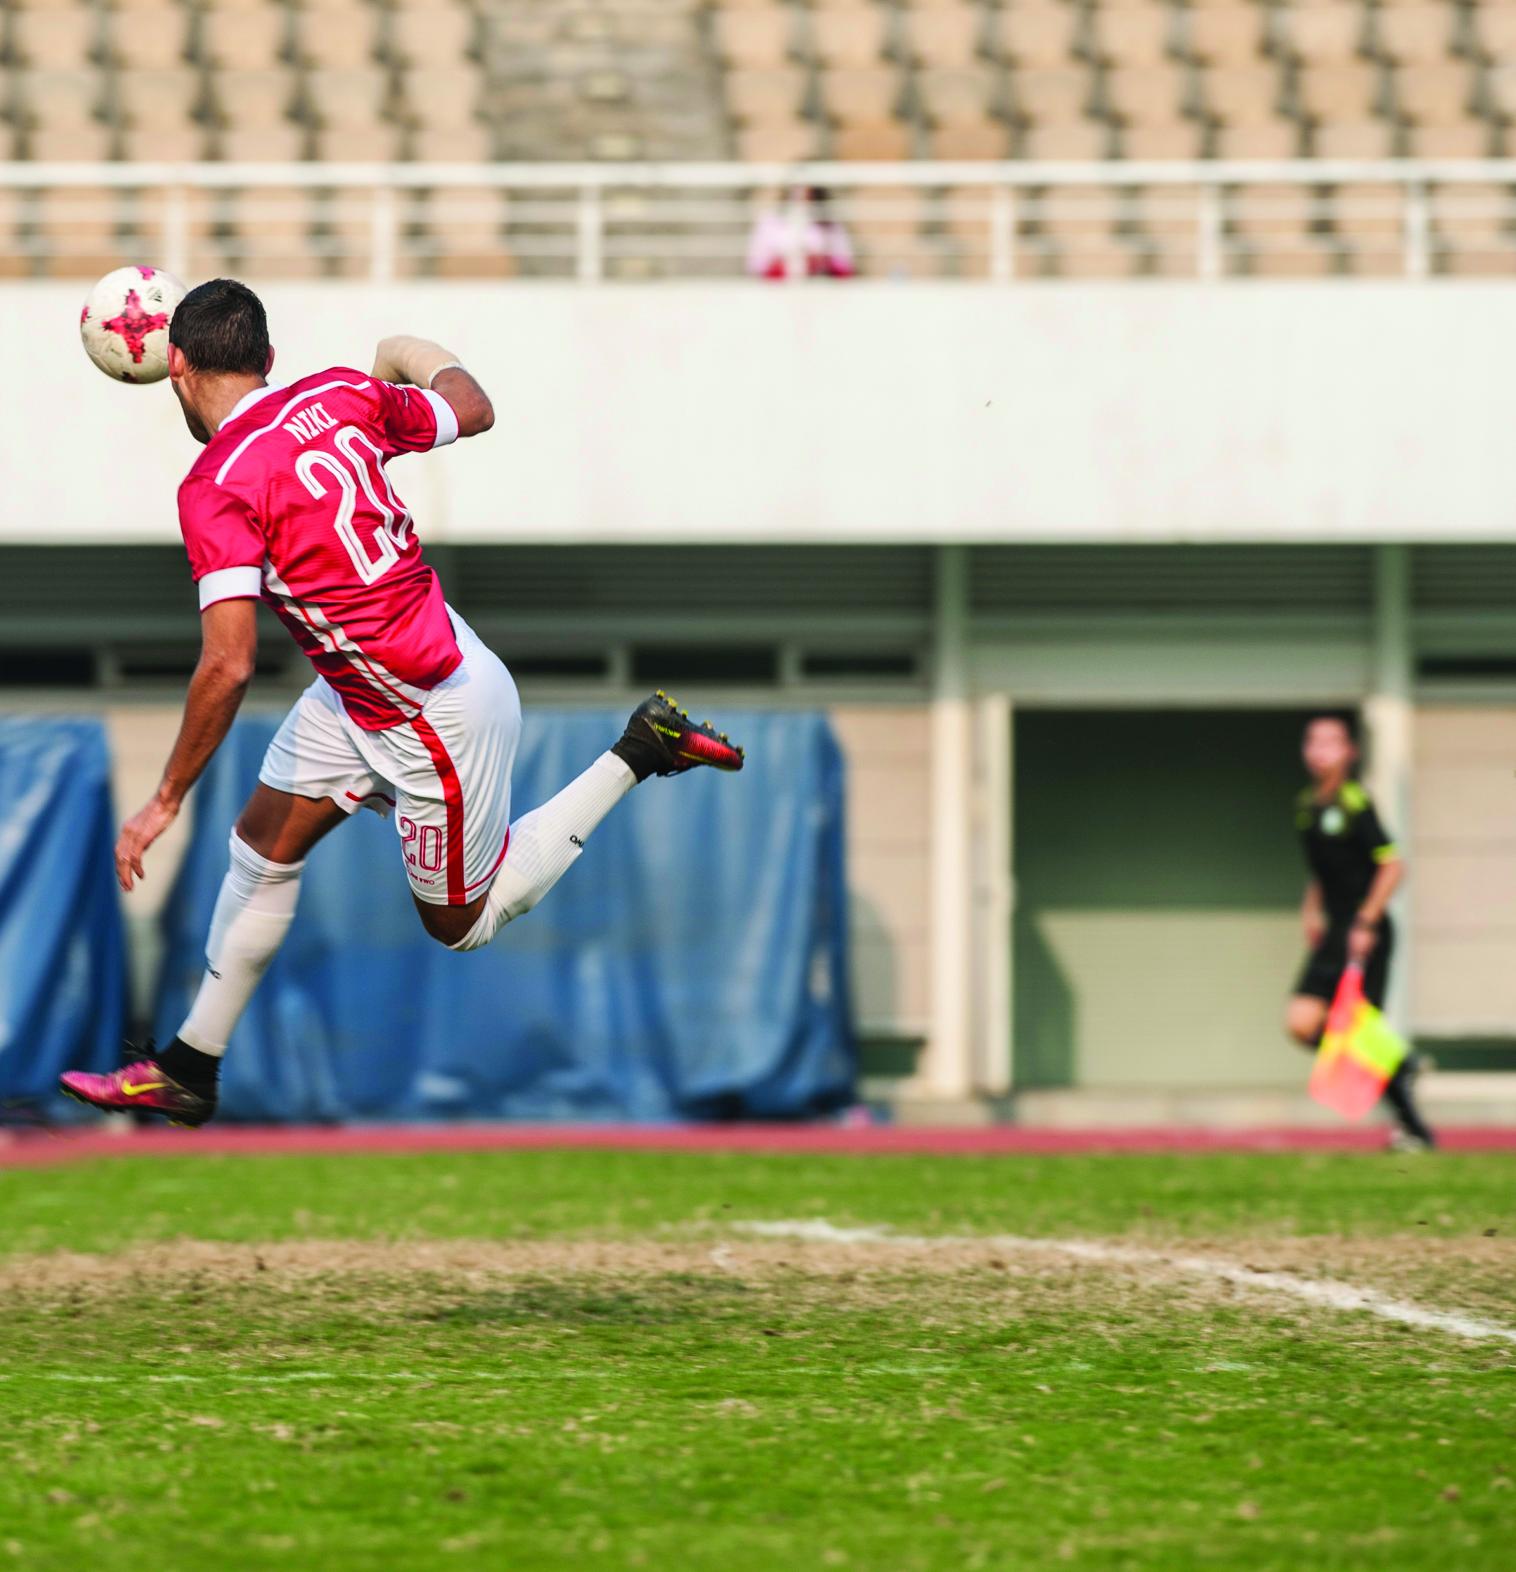 Liga de Elite   Benfica e Sporting ultrapassam adversários com vitórias gordas